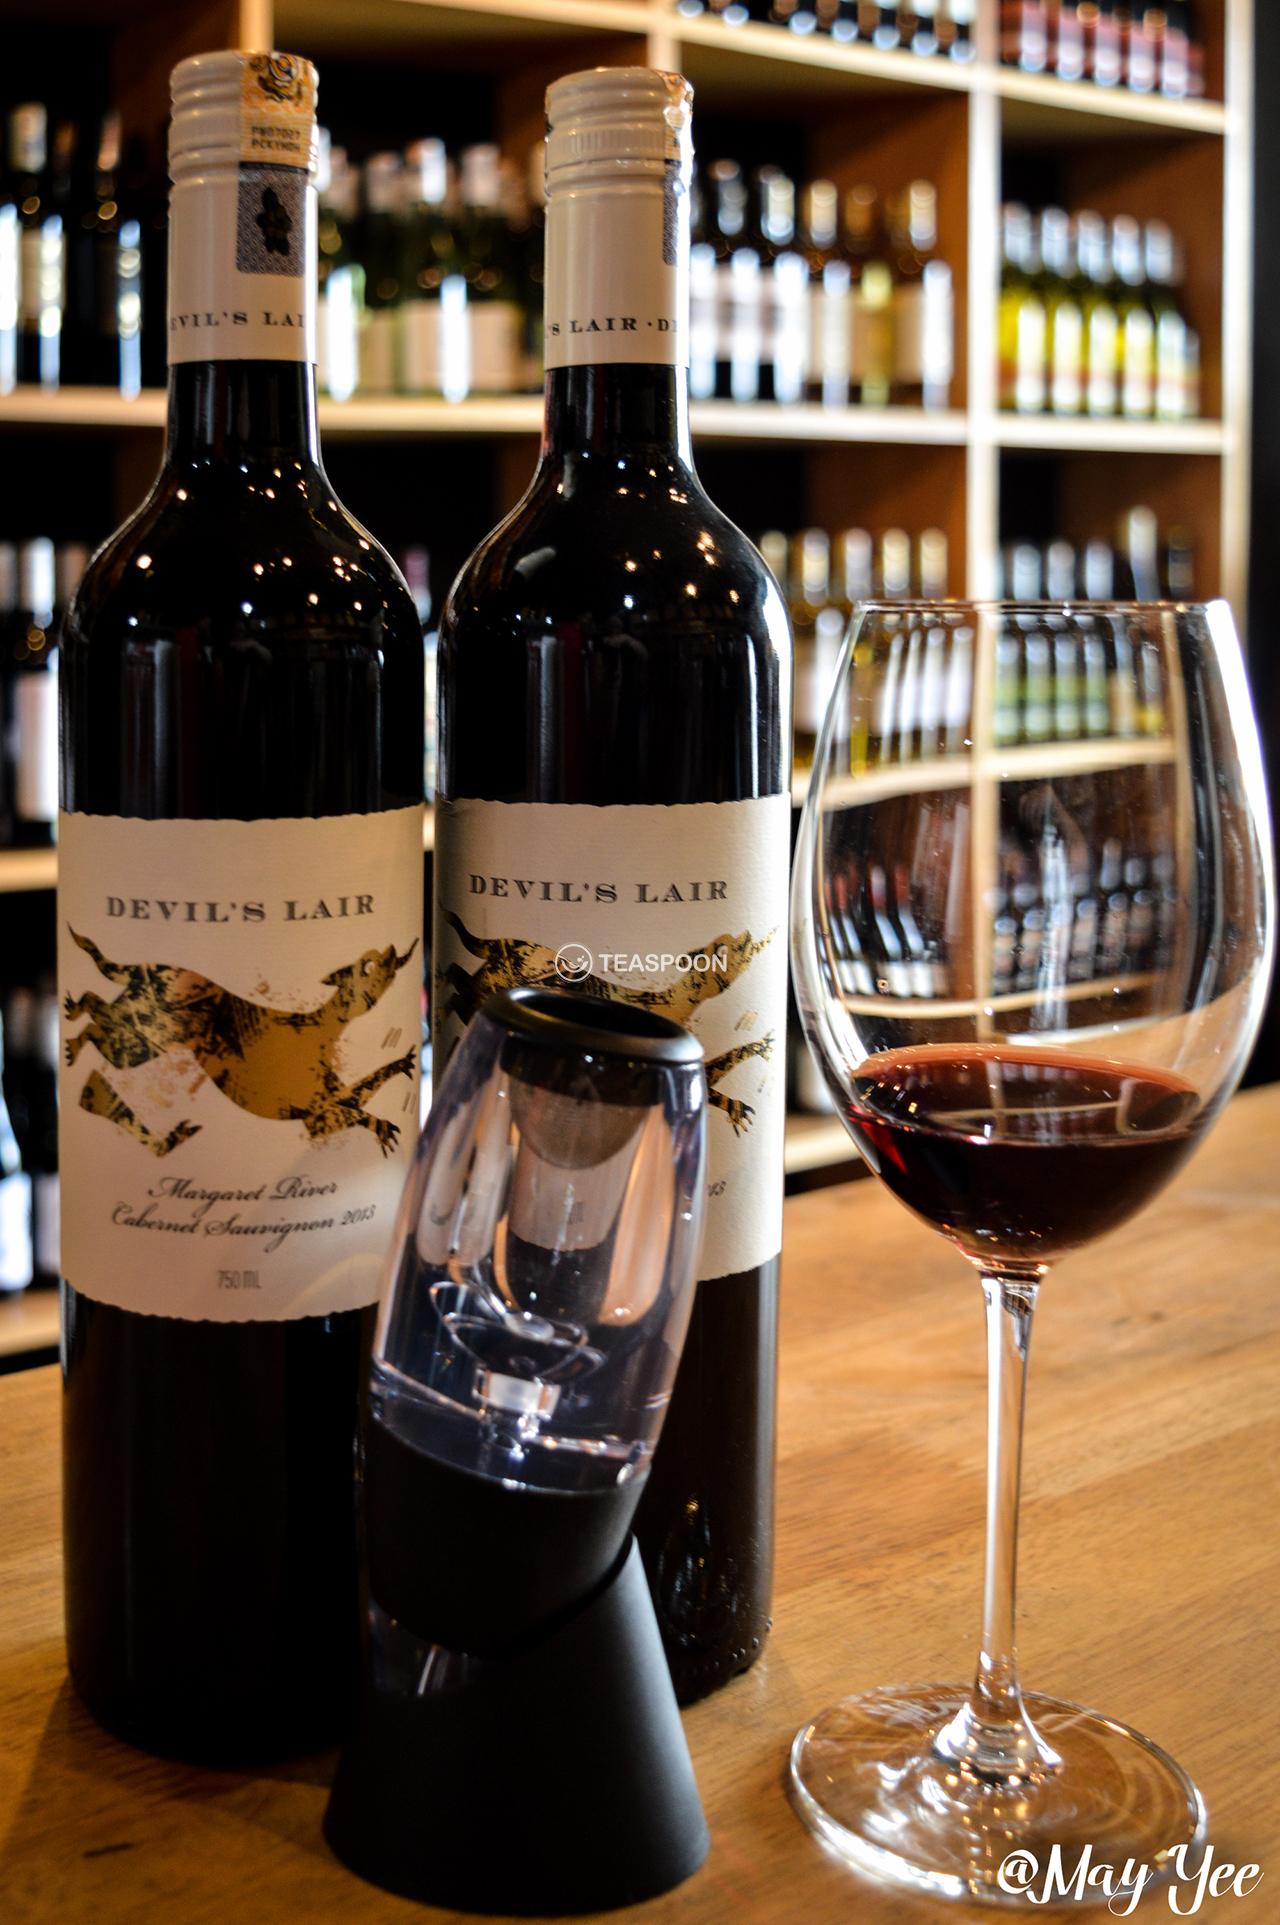 Devils Lair Margaret River  Cabernet  Sauvignon and  Chardonnay DECANTER (6)